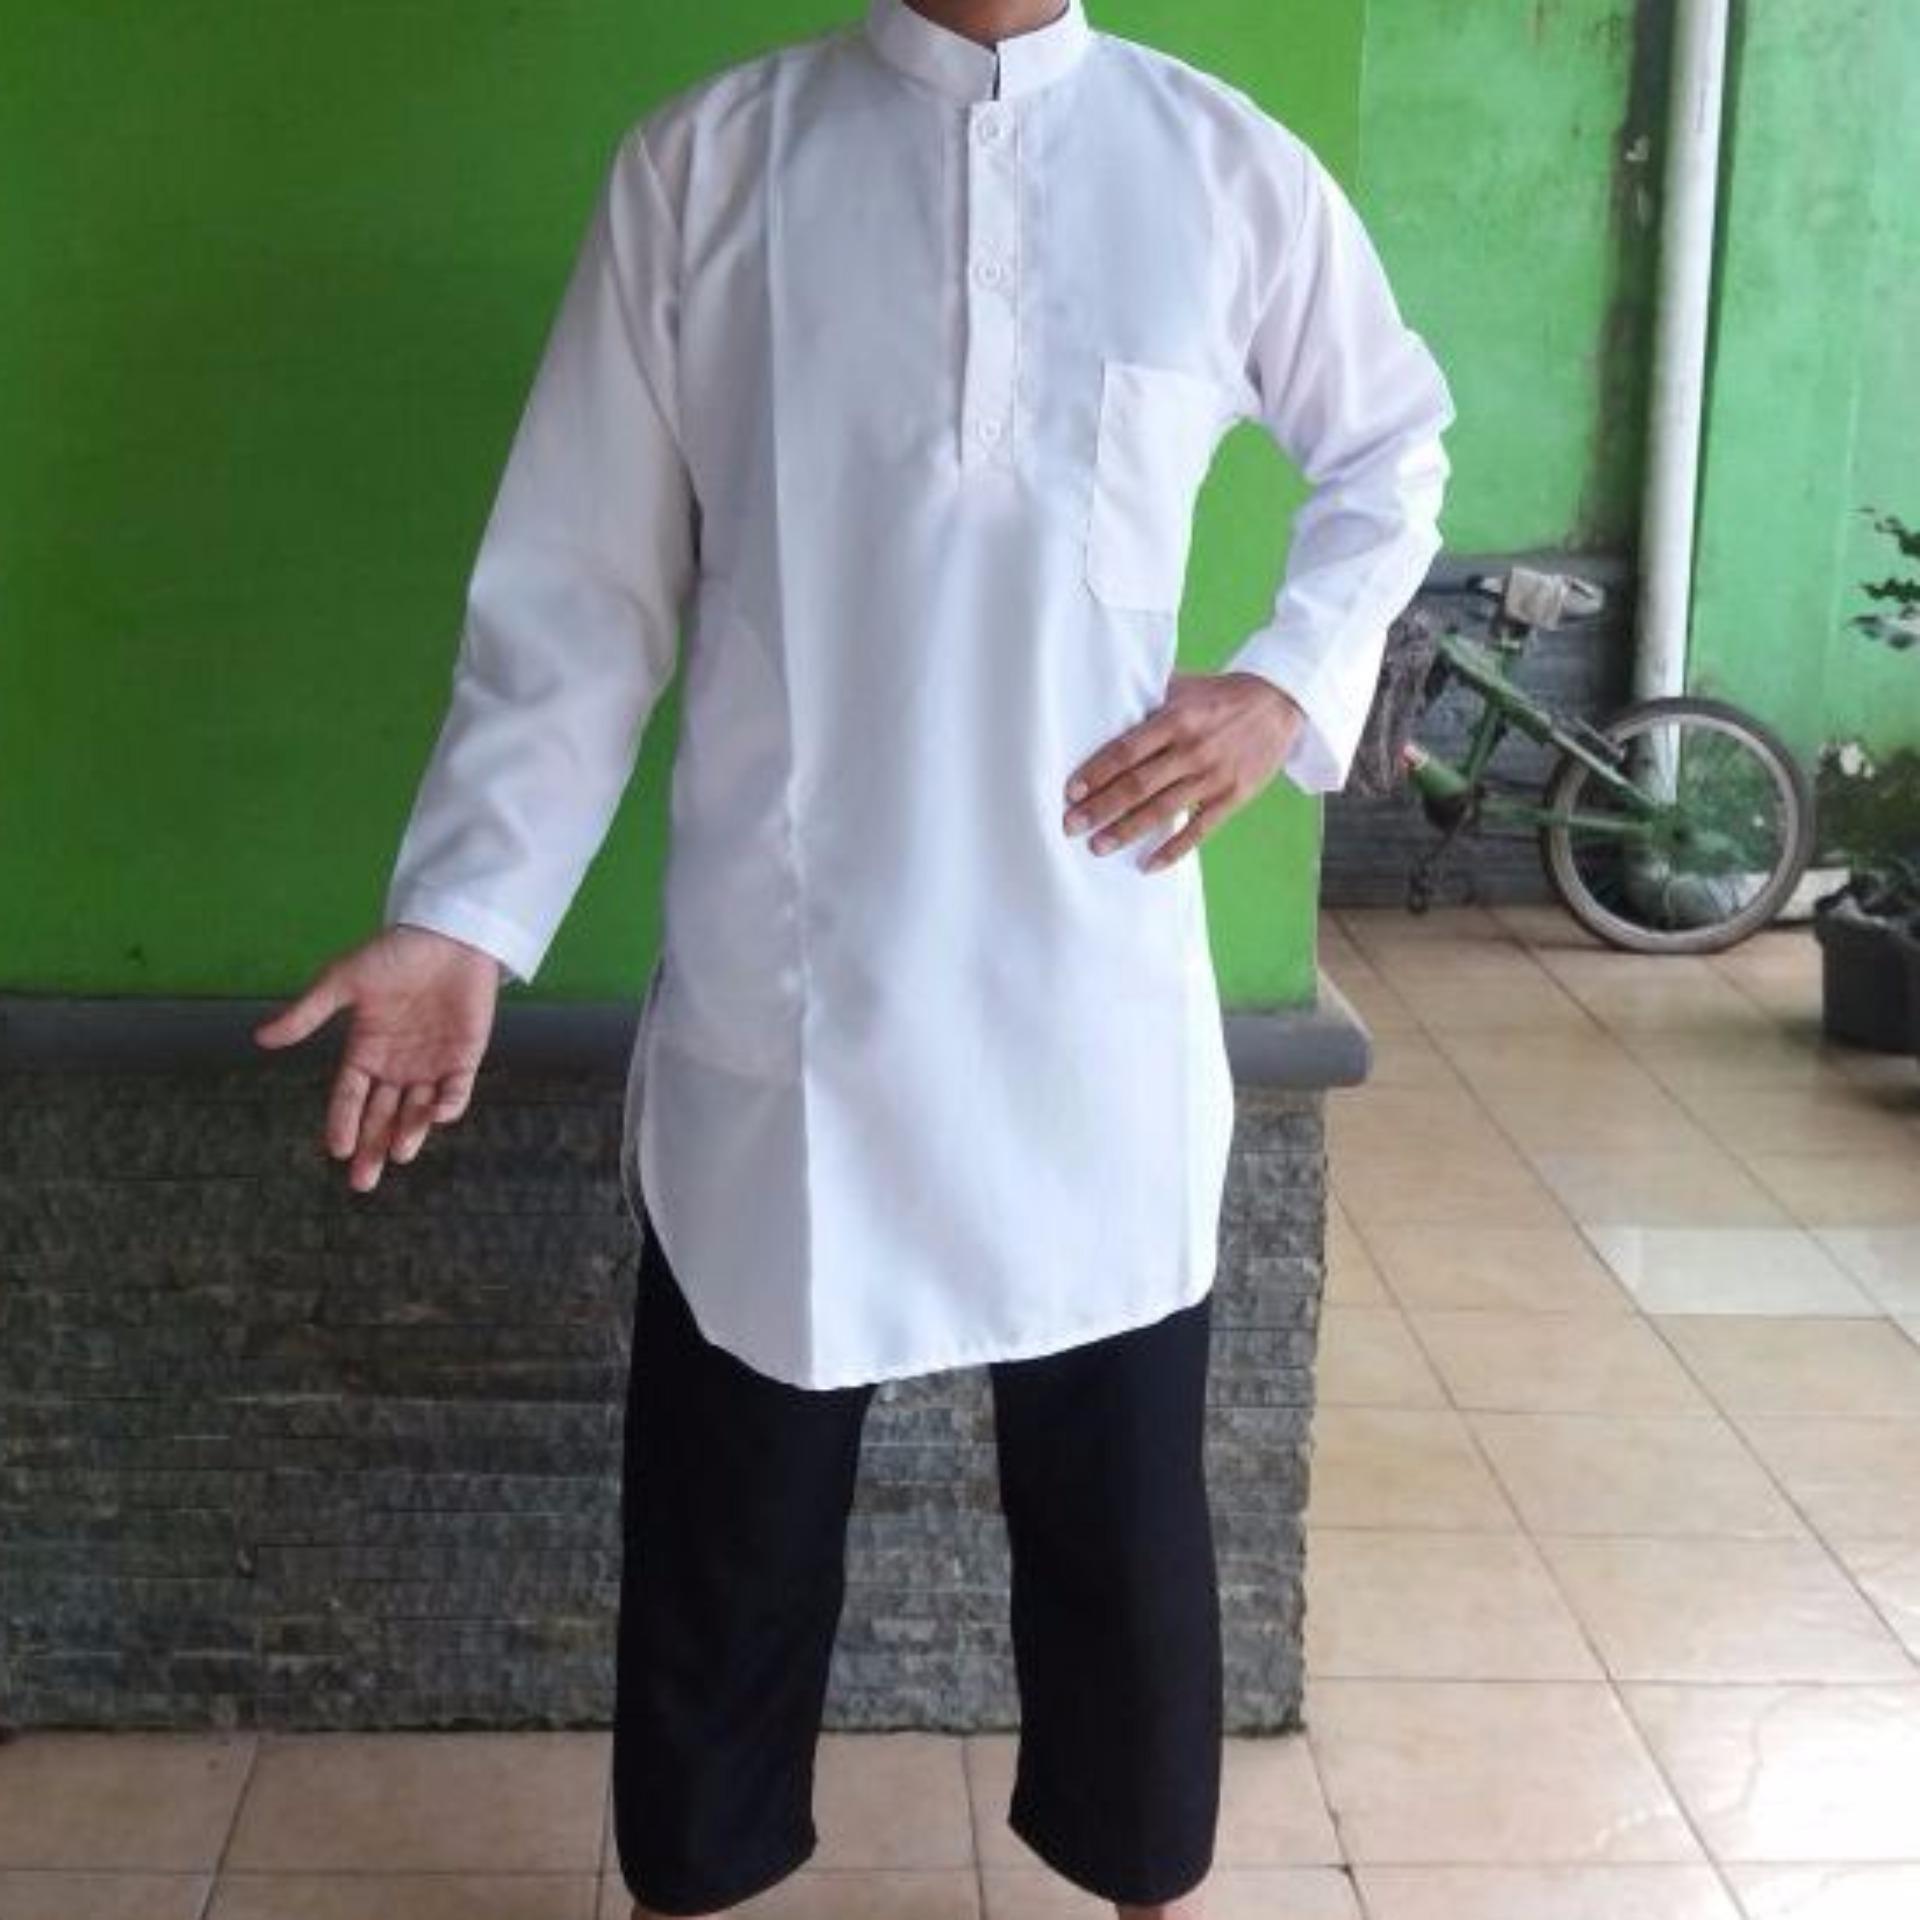 Kemeja Lengan Pendek Hem Batik Hks001 08pxxl Daftar Harga Terbaru 03 Page 3 Update Indonesia